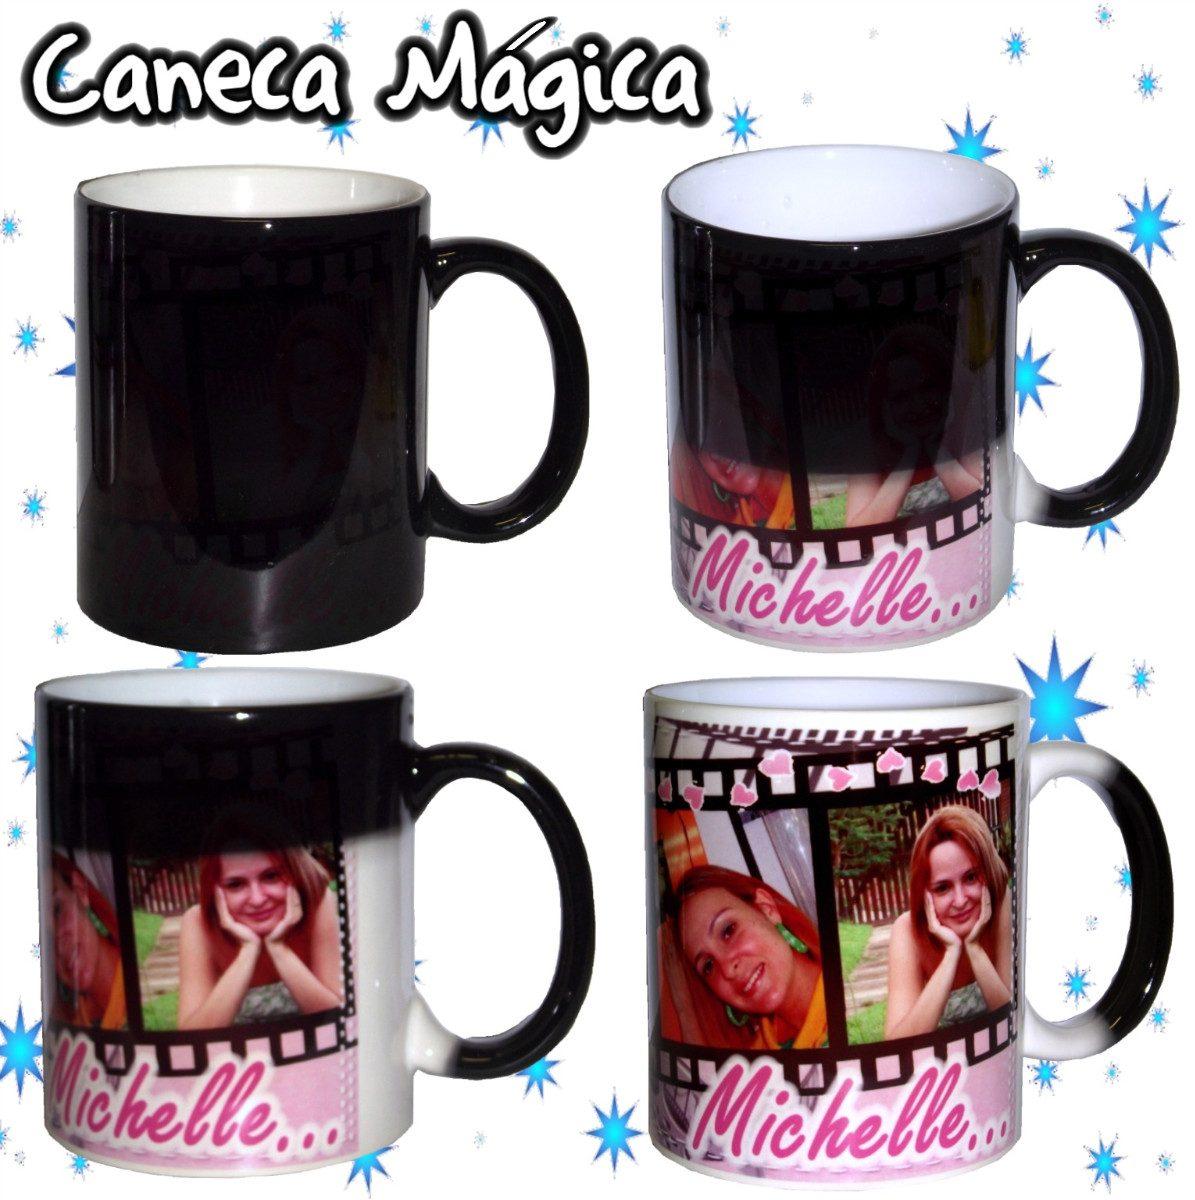 90347fa0d Caneca Magica Personalizada  Caneca Magica Personalizada  Caneca Magica  Personalizada ...